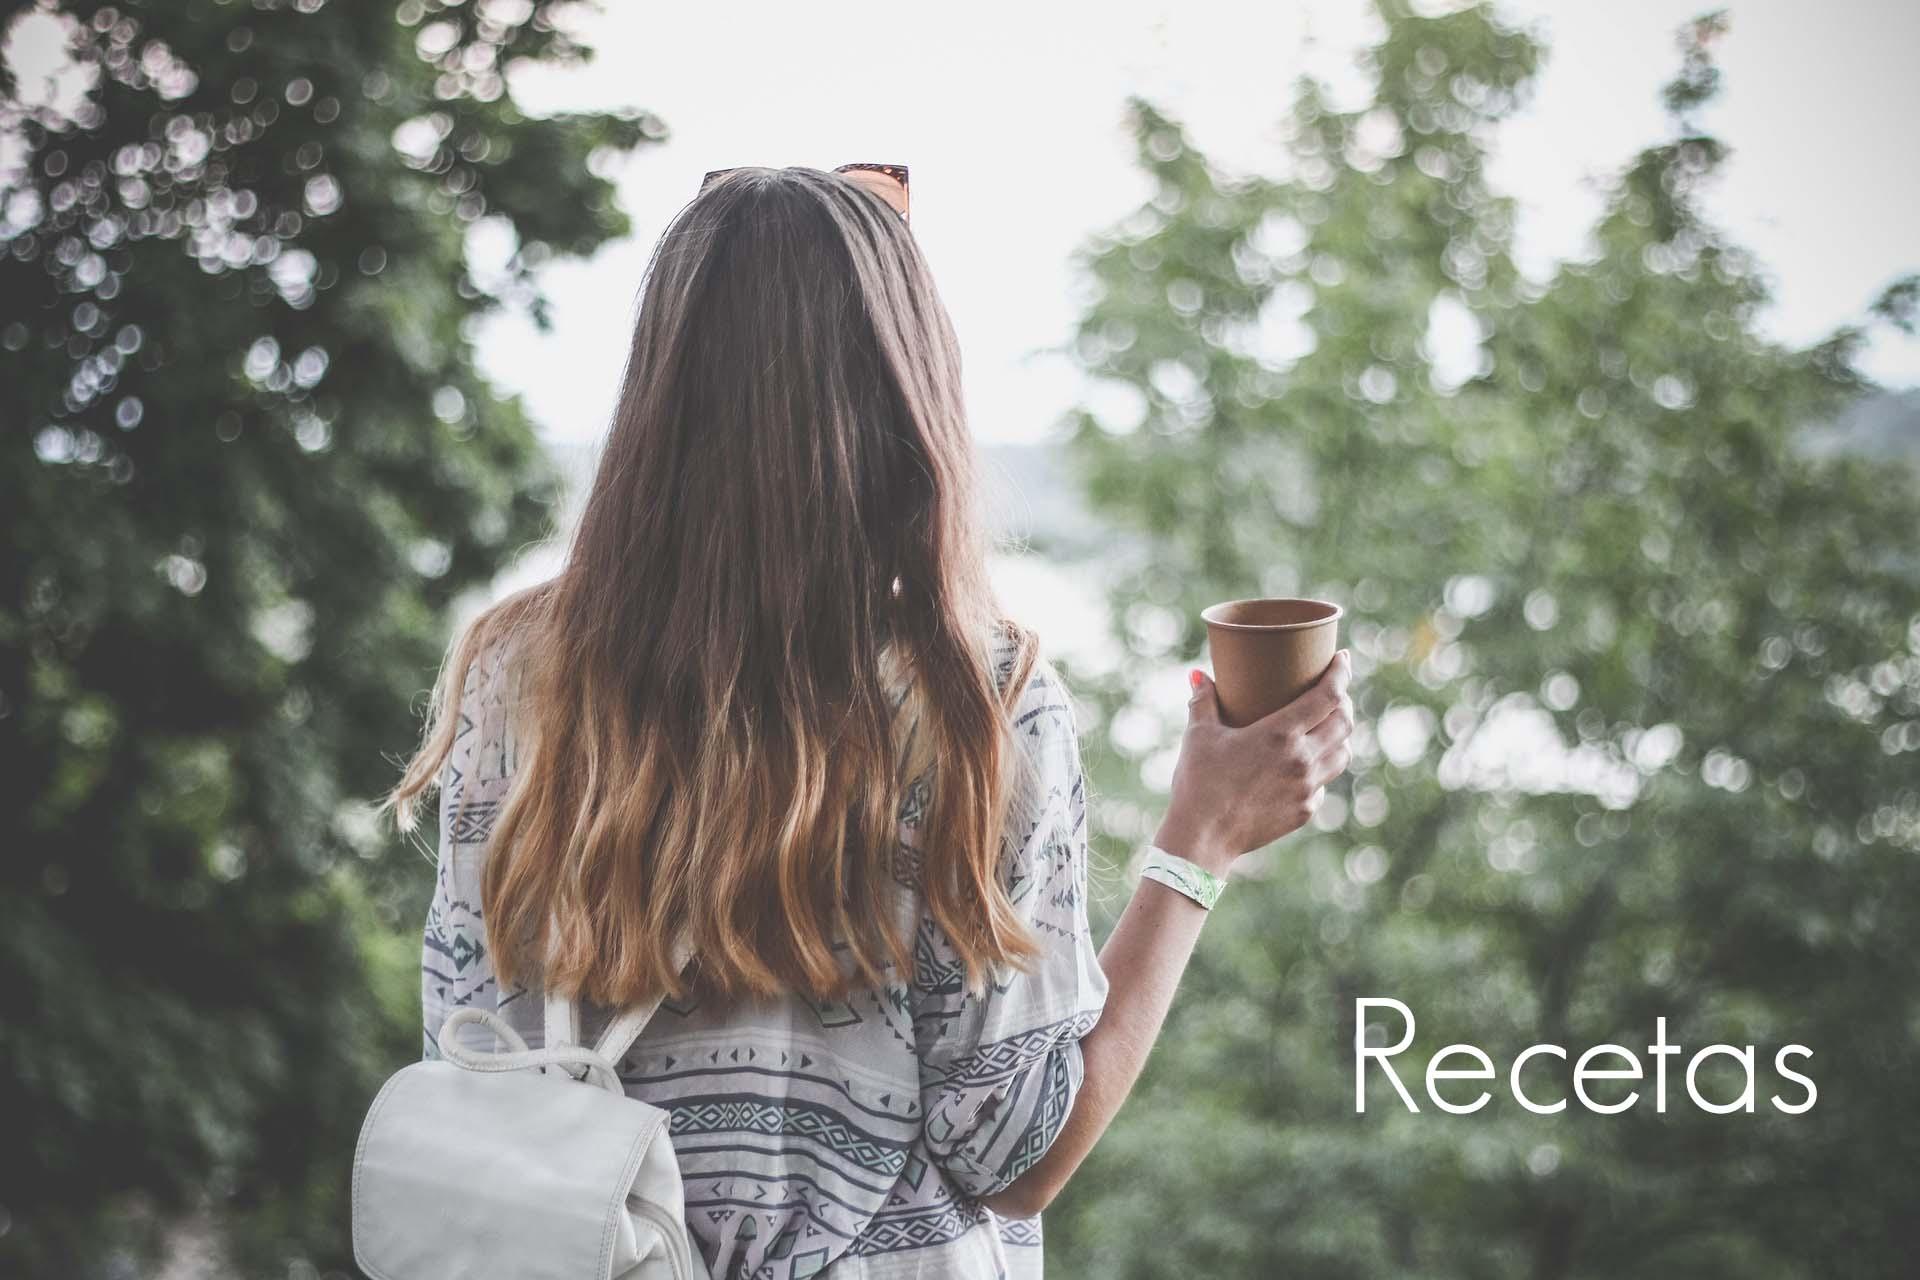 recetas recetario tisanas  saludable